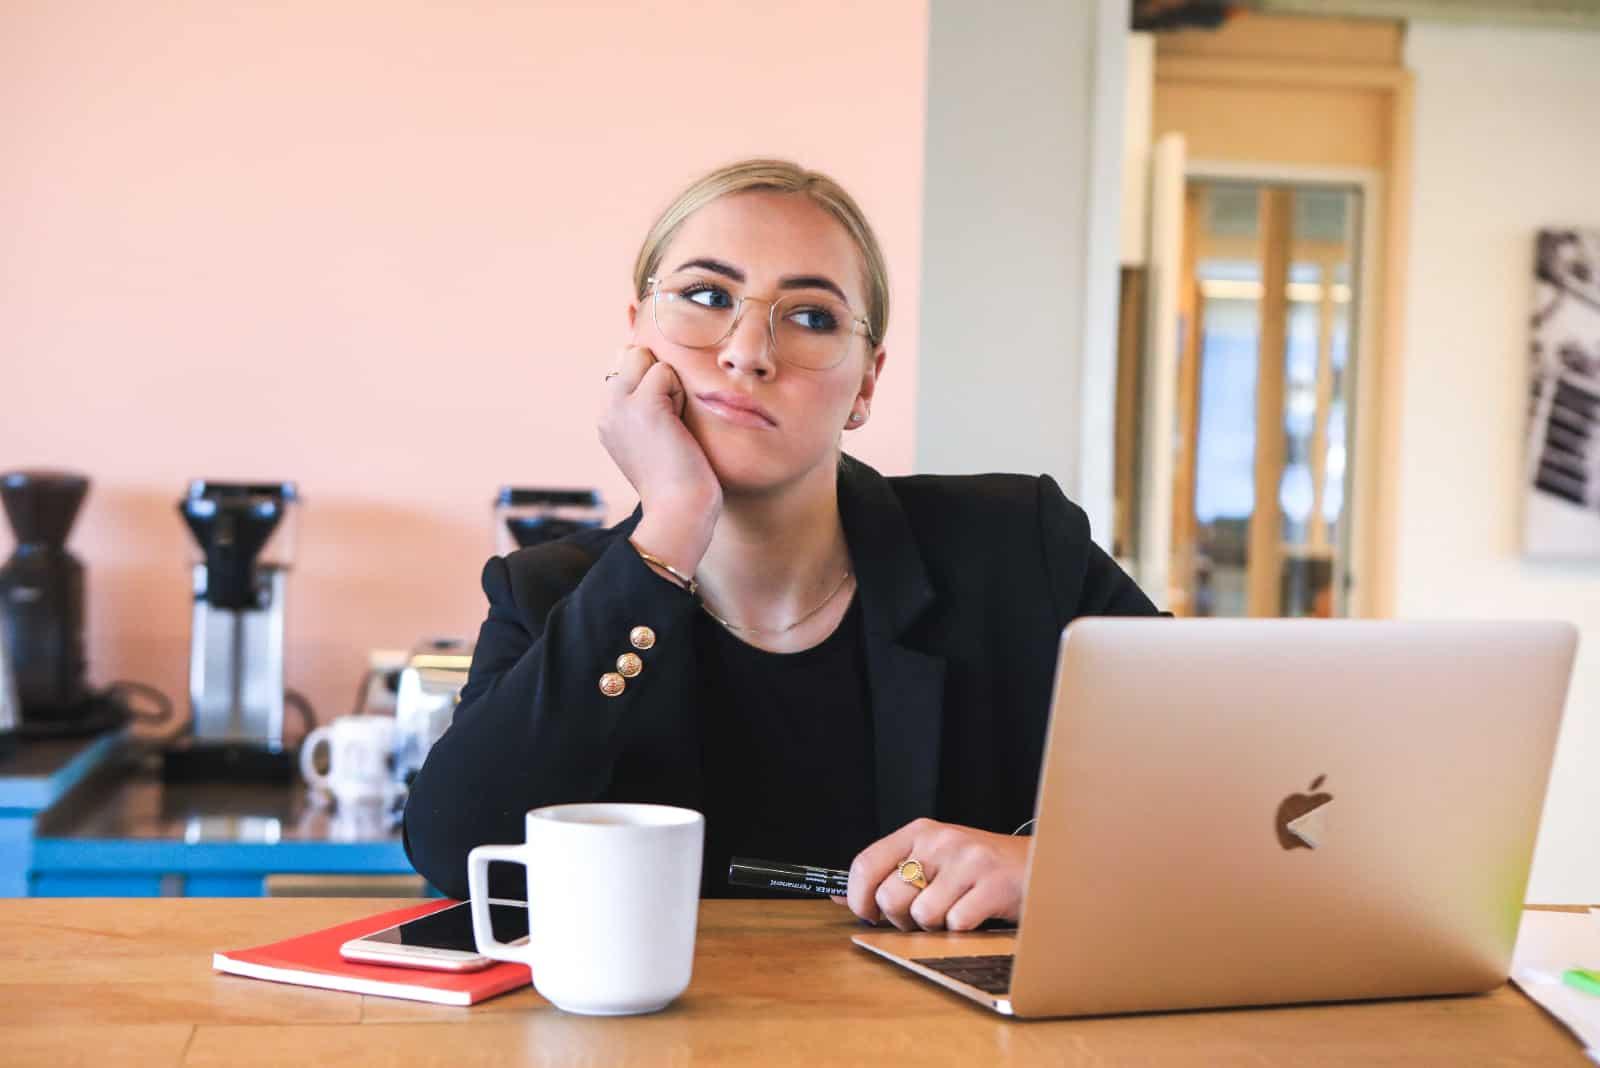 femme ennuyée avec des lunettes appuyée sur une table